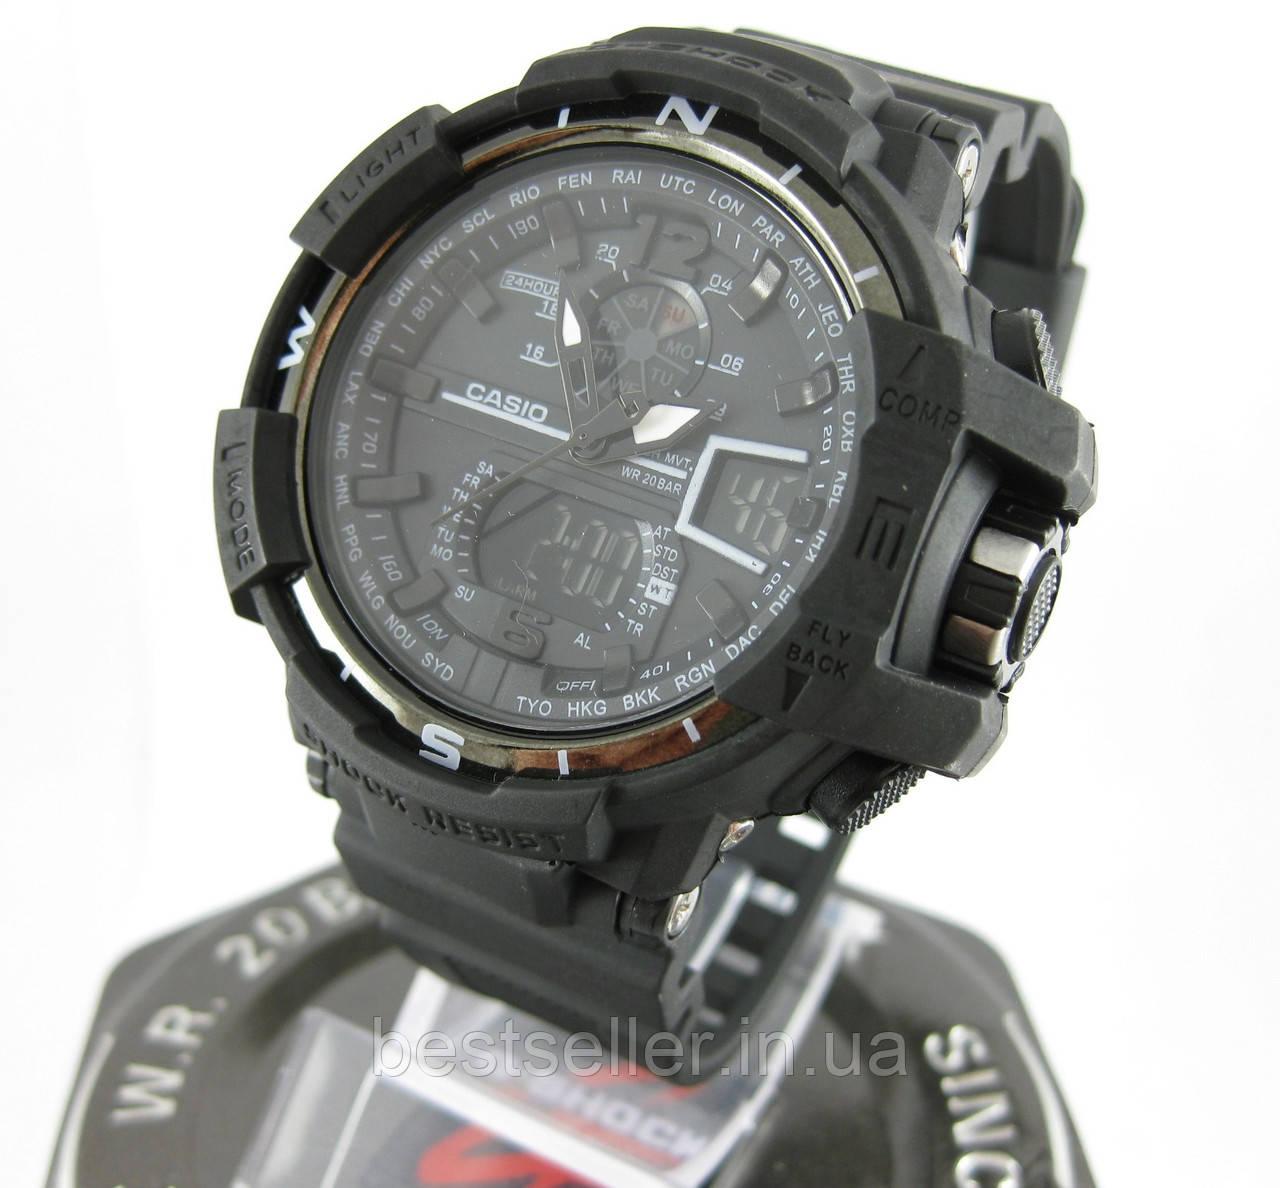 e2aa96936a8b Часы Casio G-Shock GW-A1100 black/grey. ТОП качество!: Качественные ...